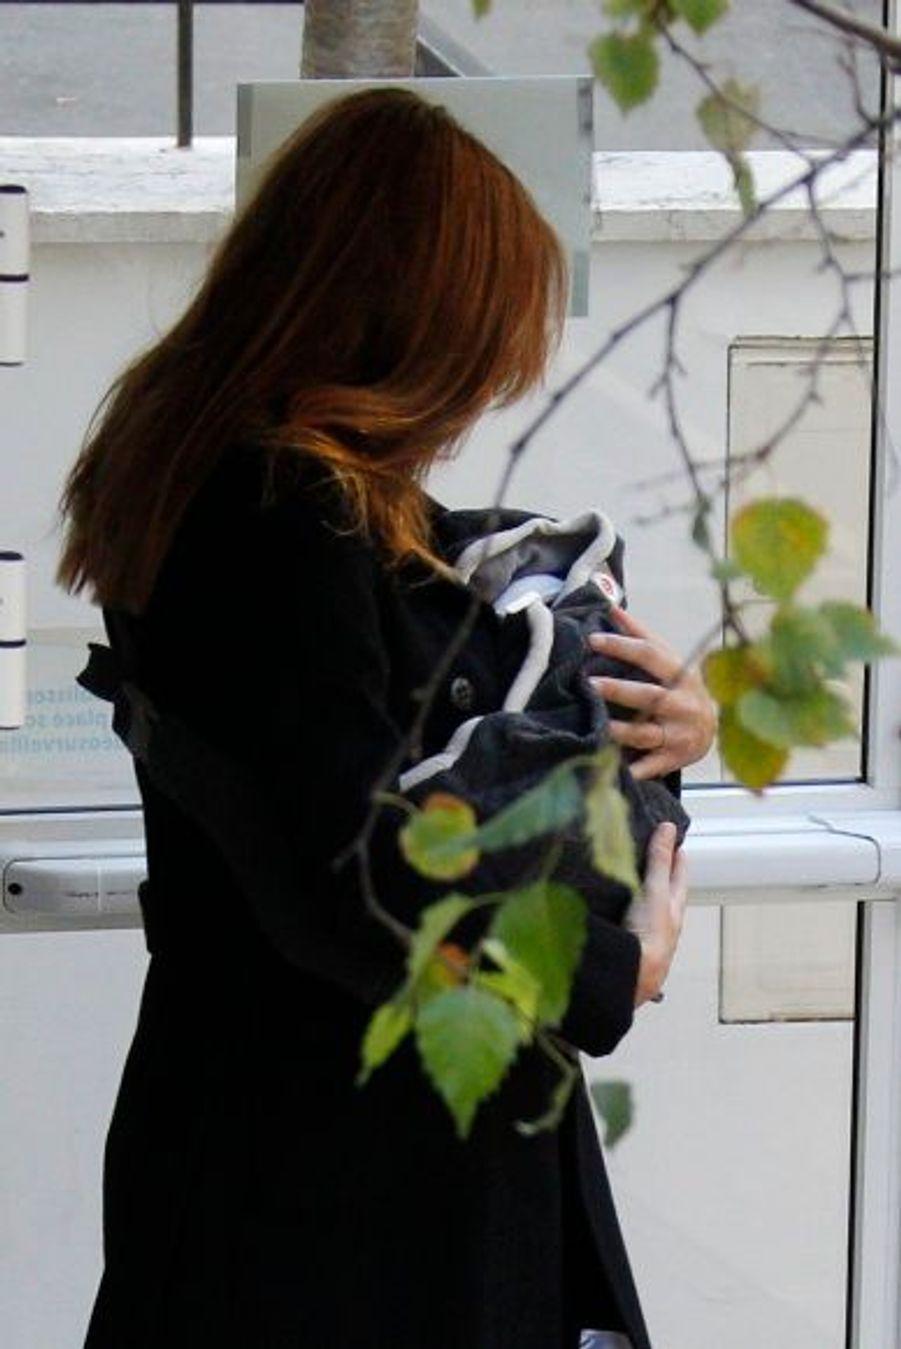 La Première dame, quittant la clinique parisienne de La Muette, le 23 novembre. Carla Bruni-Sarkozy a accouché de son deuxième enfant, Giulia, née de son mariage avec Nicolas Sarkozy.